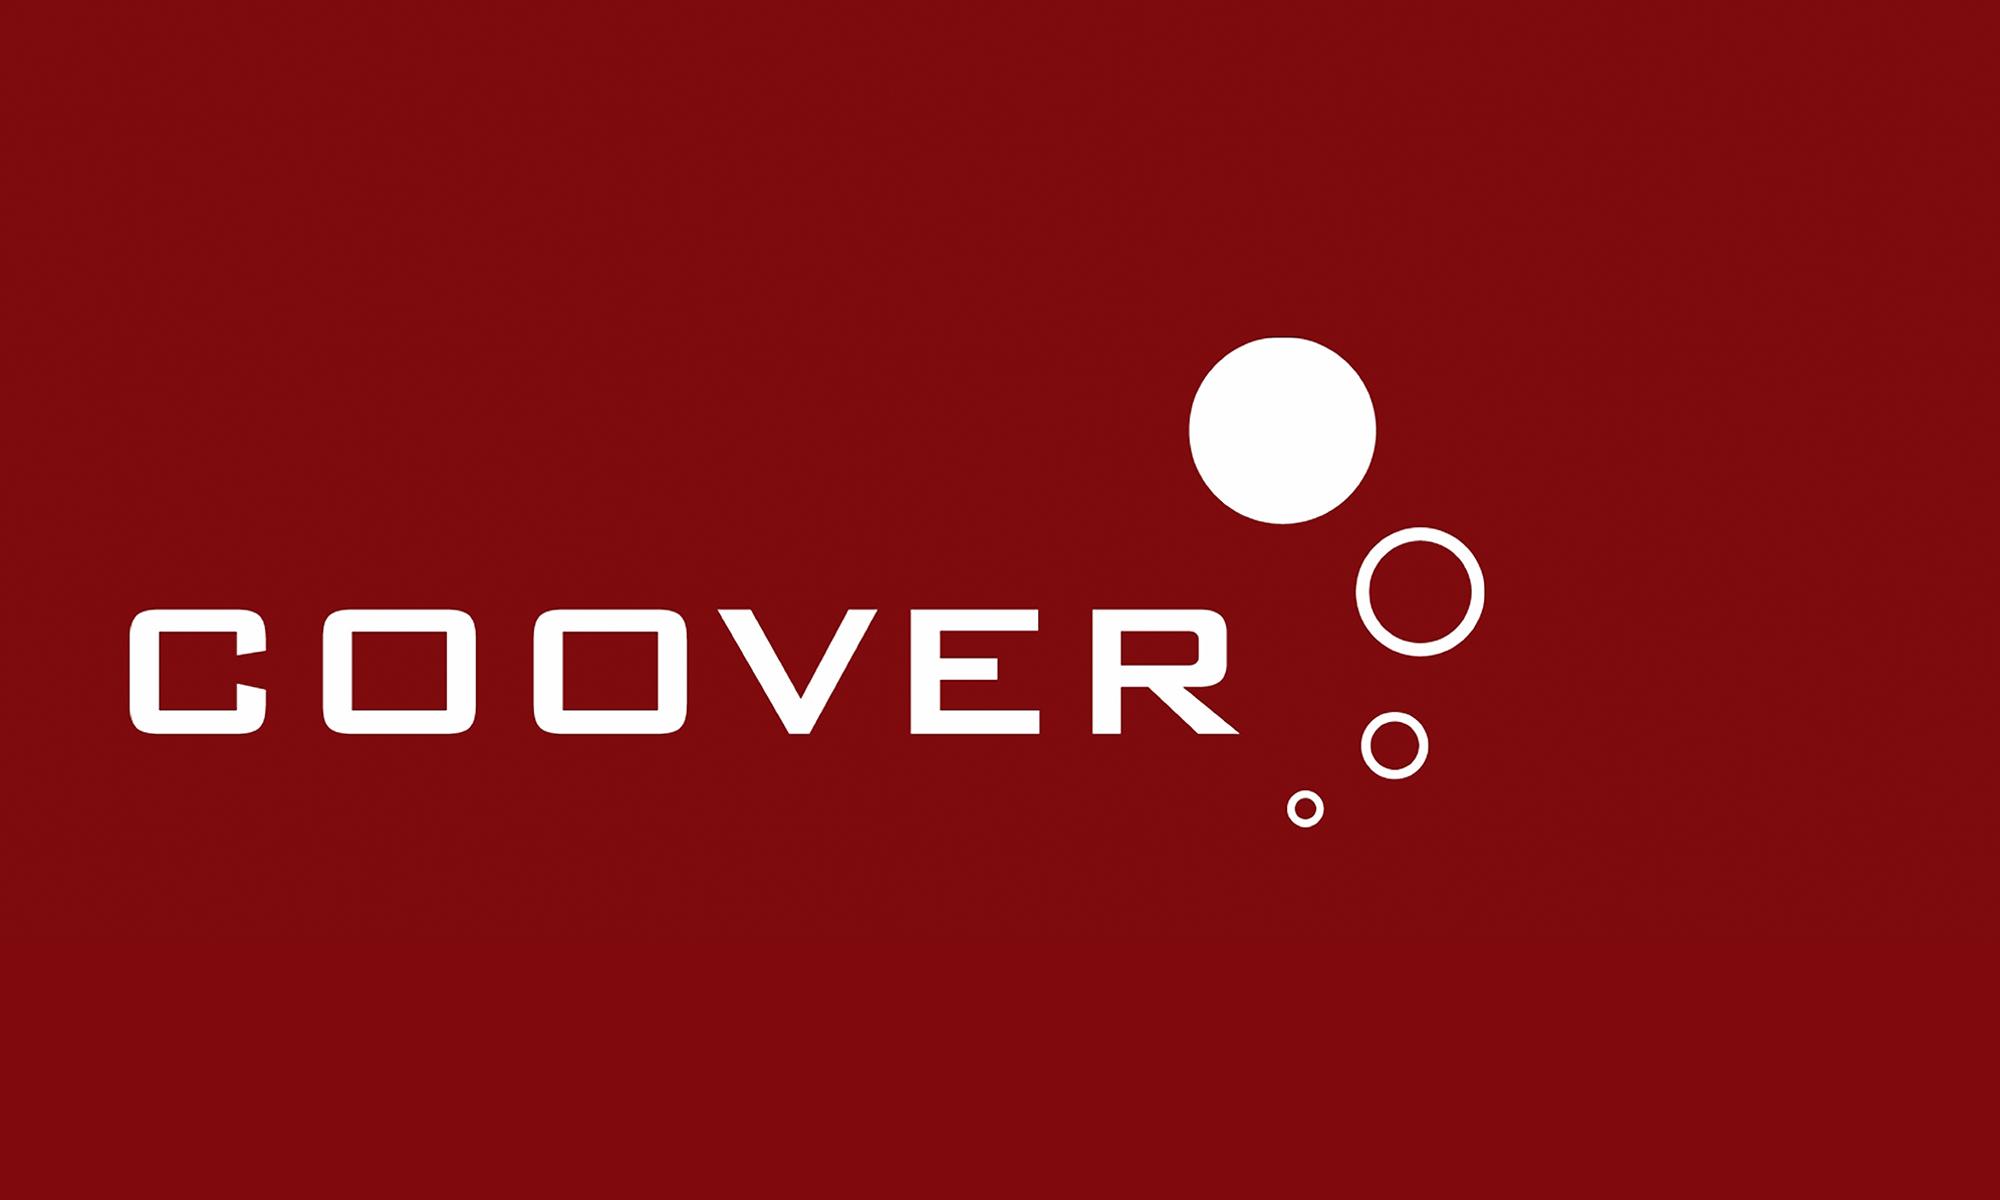 Coover - Ihr Dienstleister